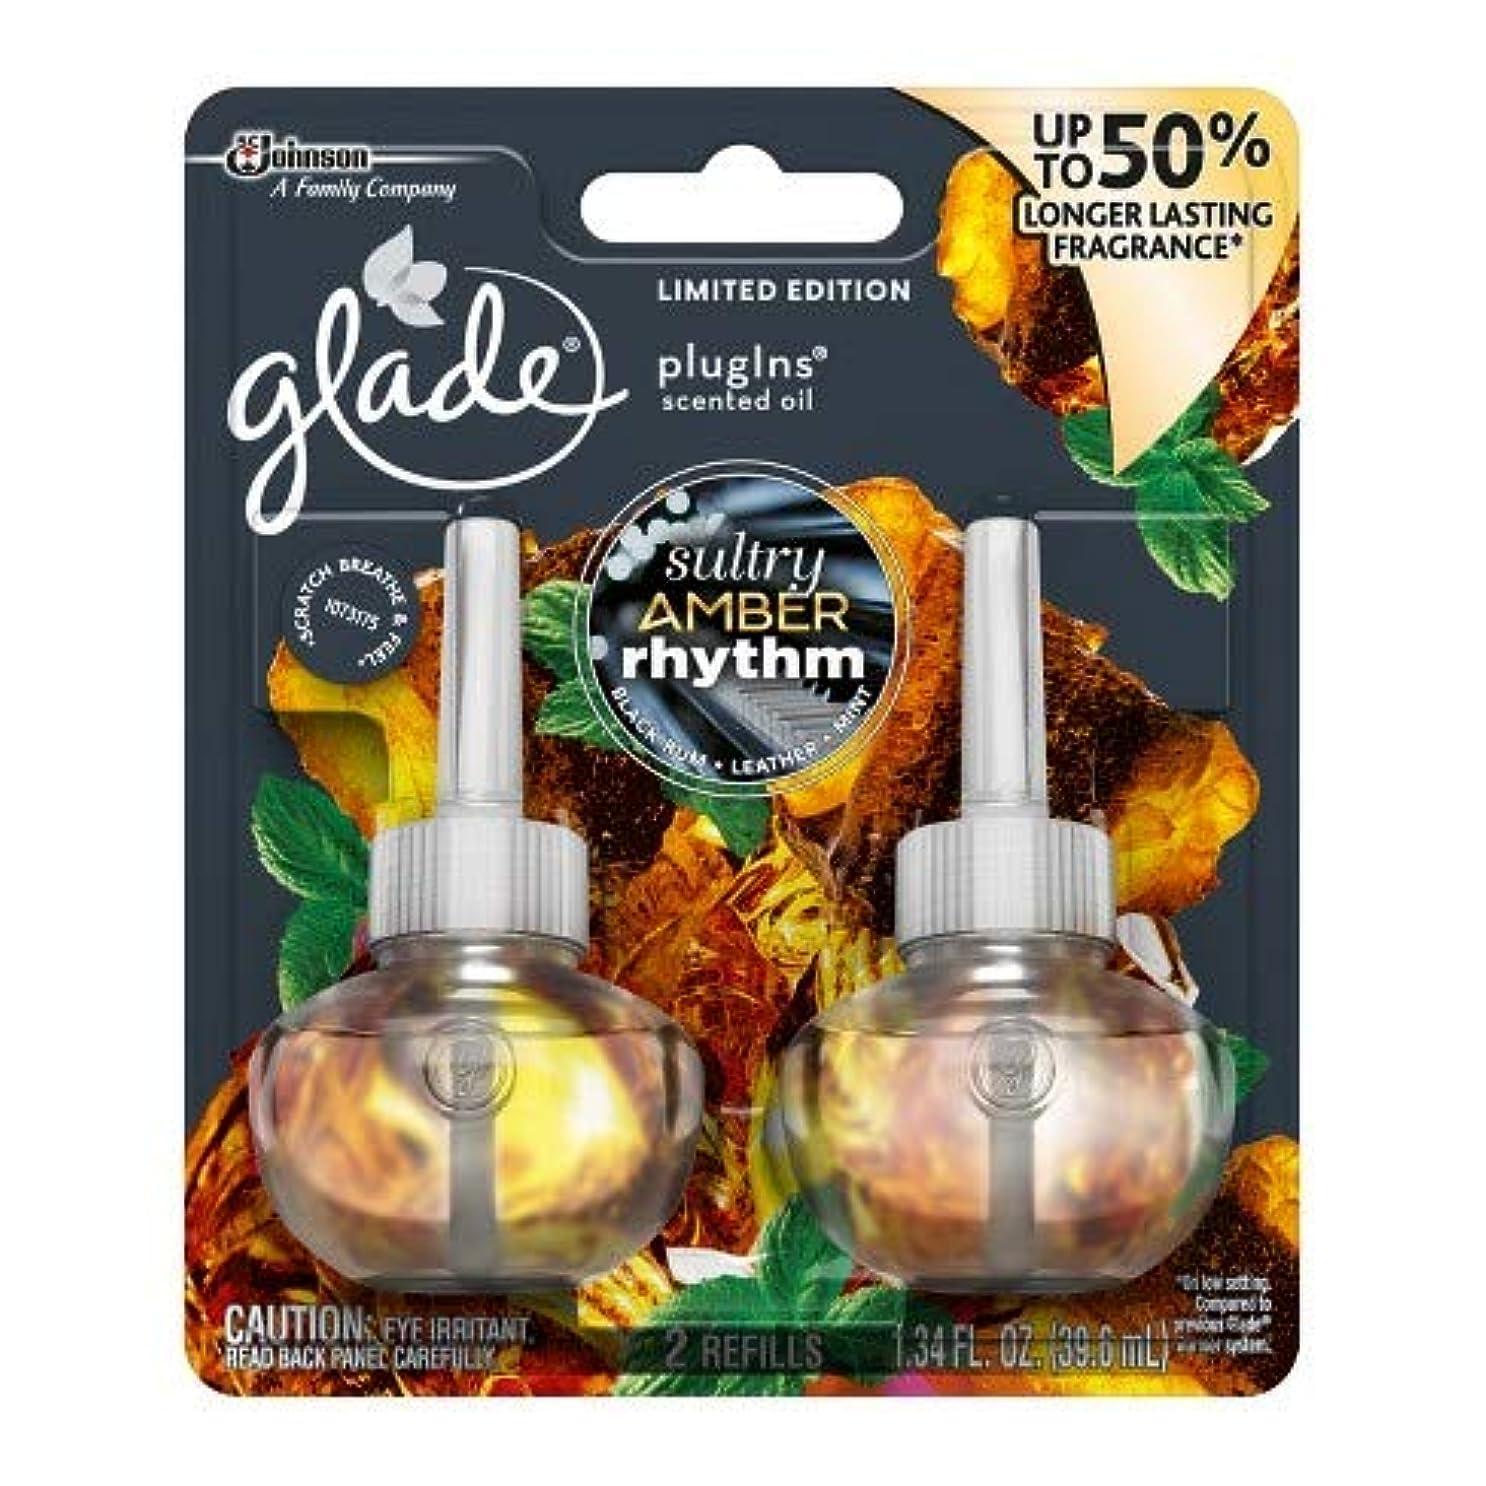 お酢台無しに織機【glade/グレード】 プラグインオイル 詰替え用リフィル(2個入り) サルトリーアンバーリズム Glade Plugins Scented Oil Sultry Amber Rhythm 2 refills 1.34oz(39.6ml) [並行輸入品]